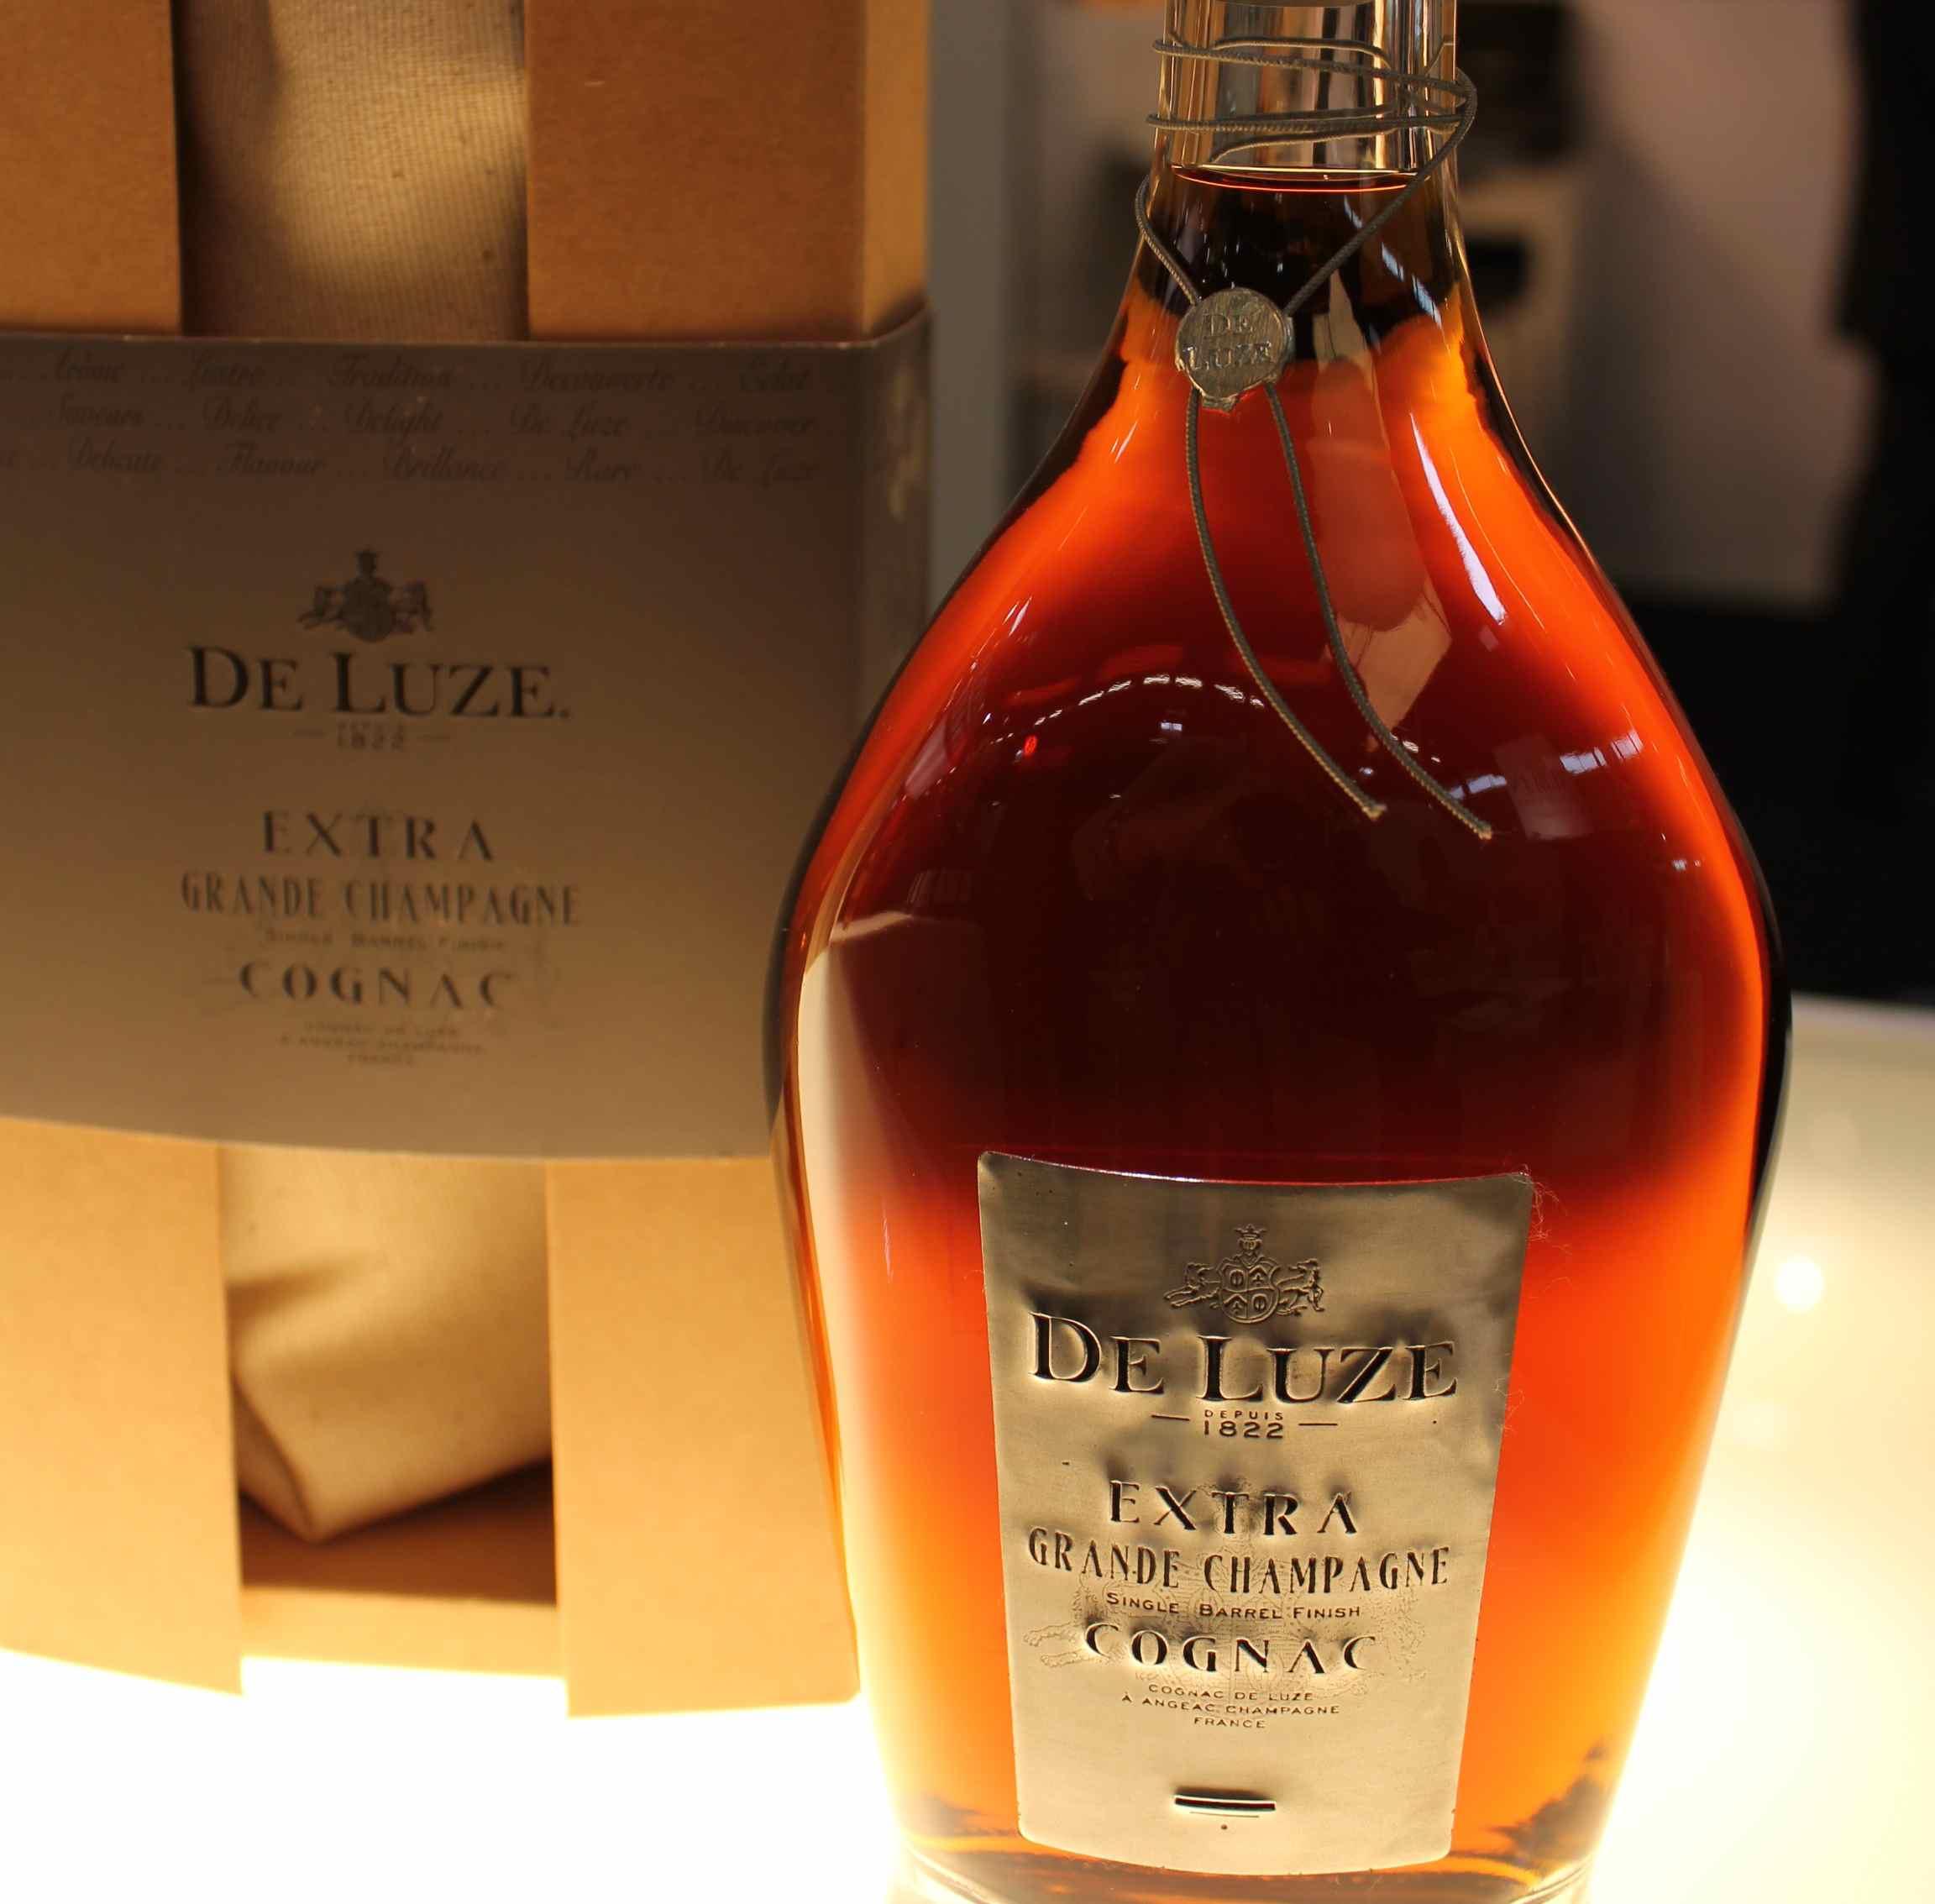 Cognac De Luze goes UK, Hong Kong & USA